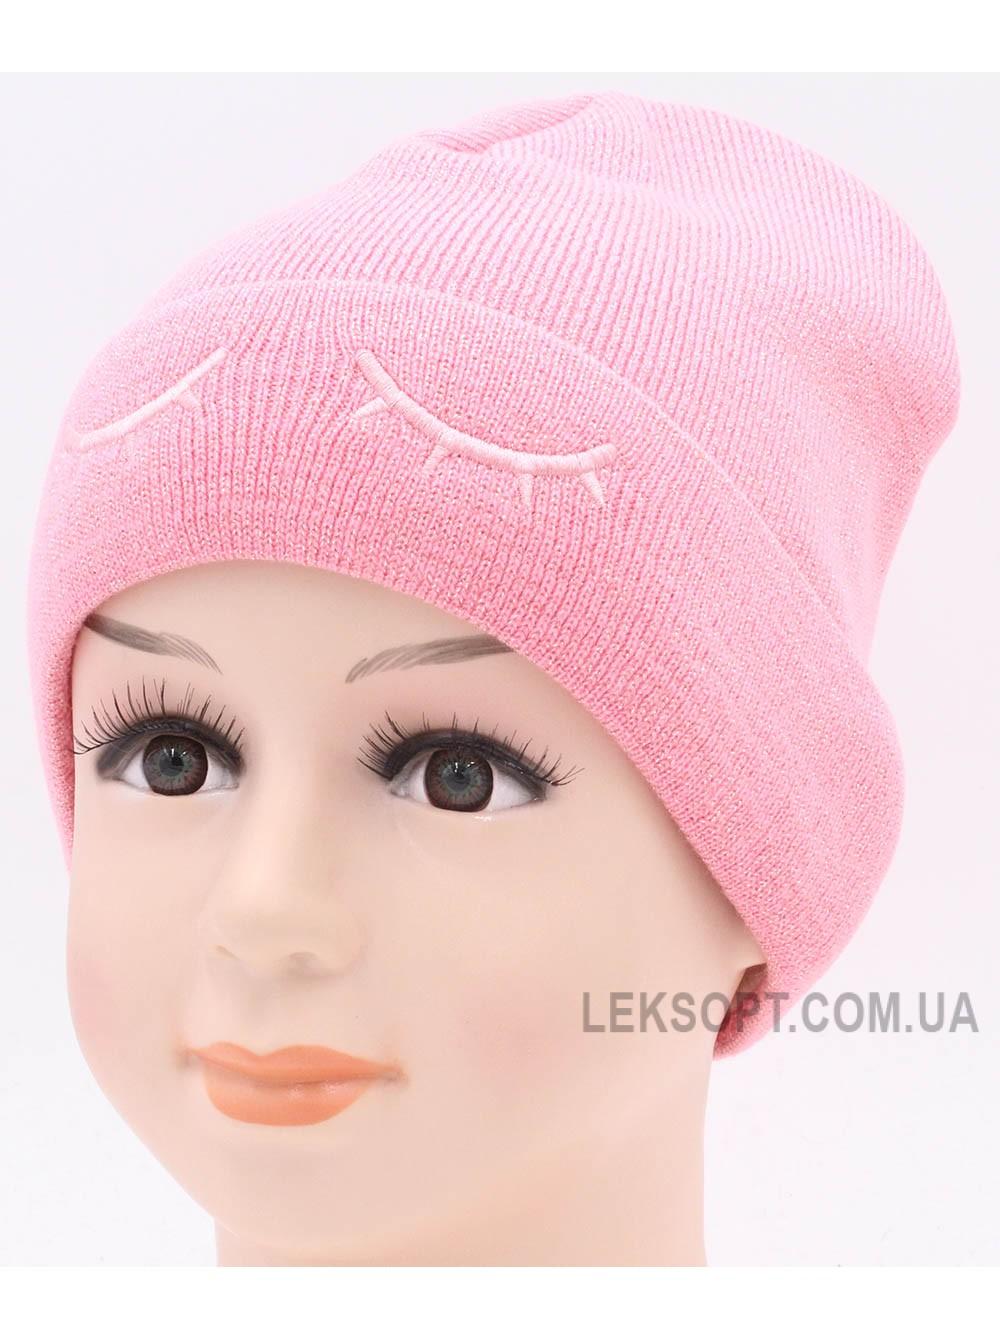 Детская вязаная шапка Глазки D46625-48-52